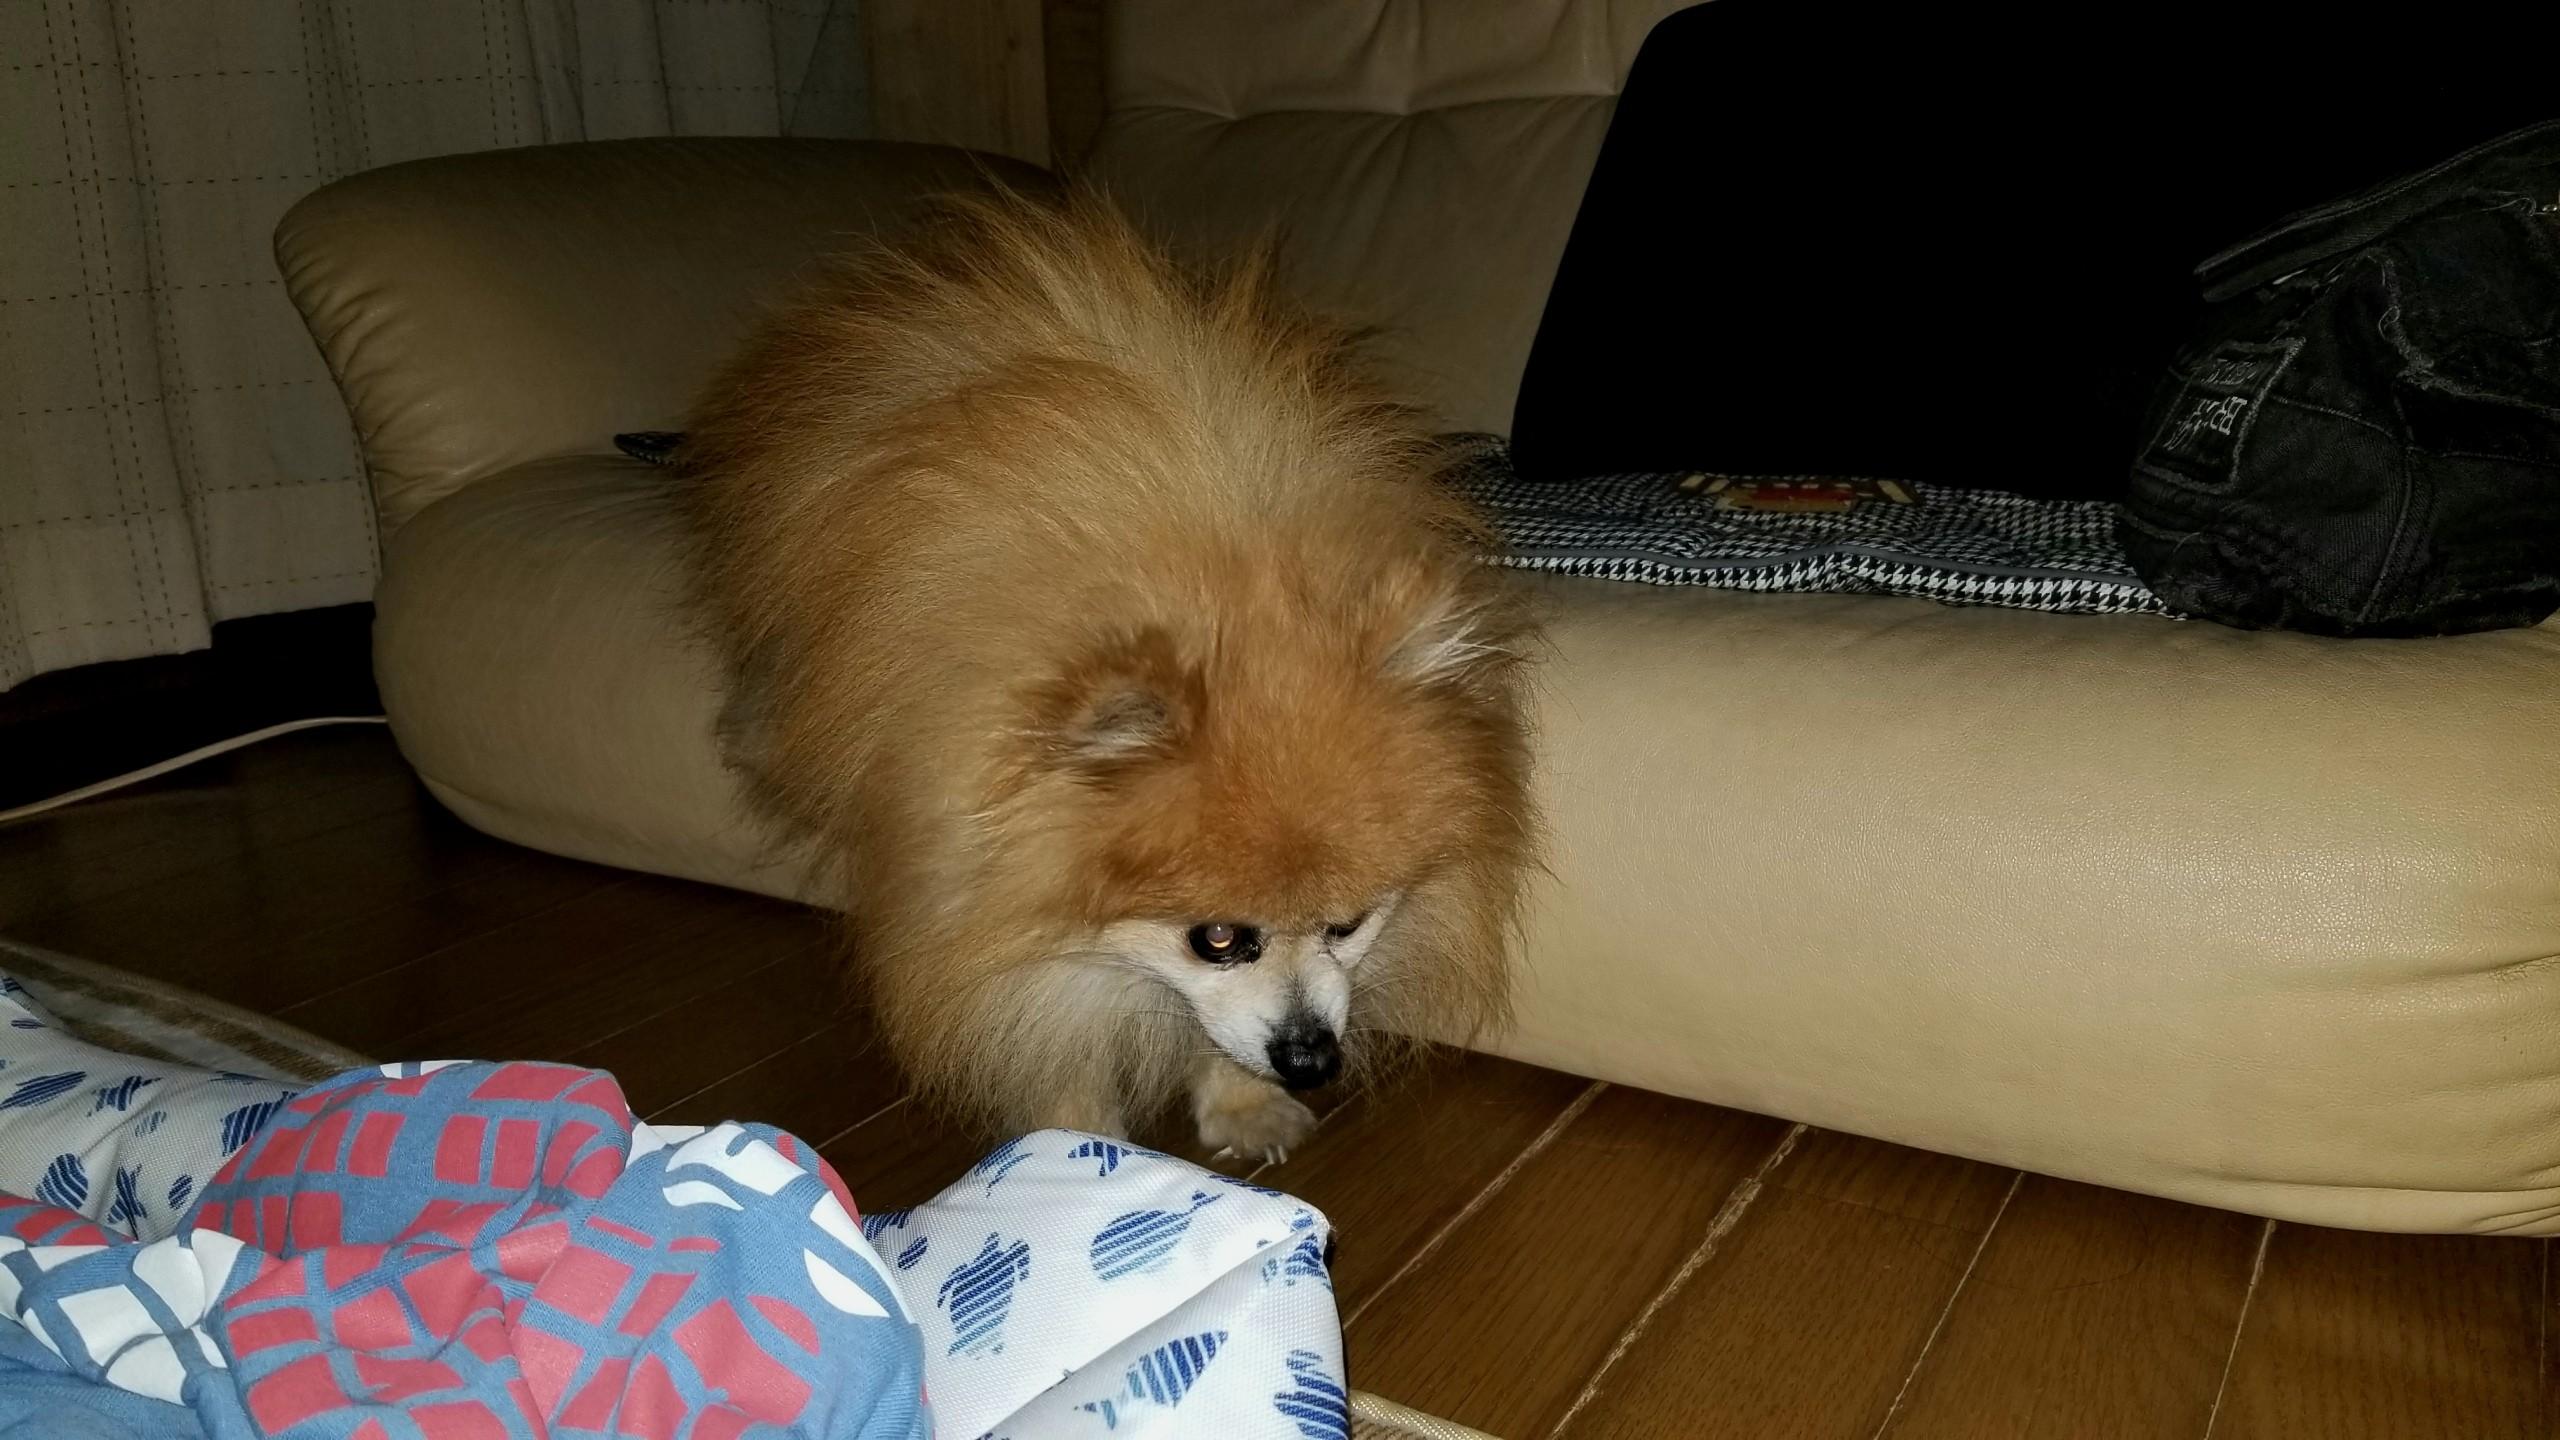 世界一かわいい動物室内小型犬,病気老化様子の変化衰弱ポメラニアン